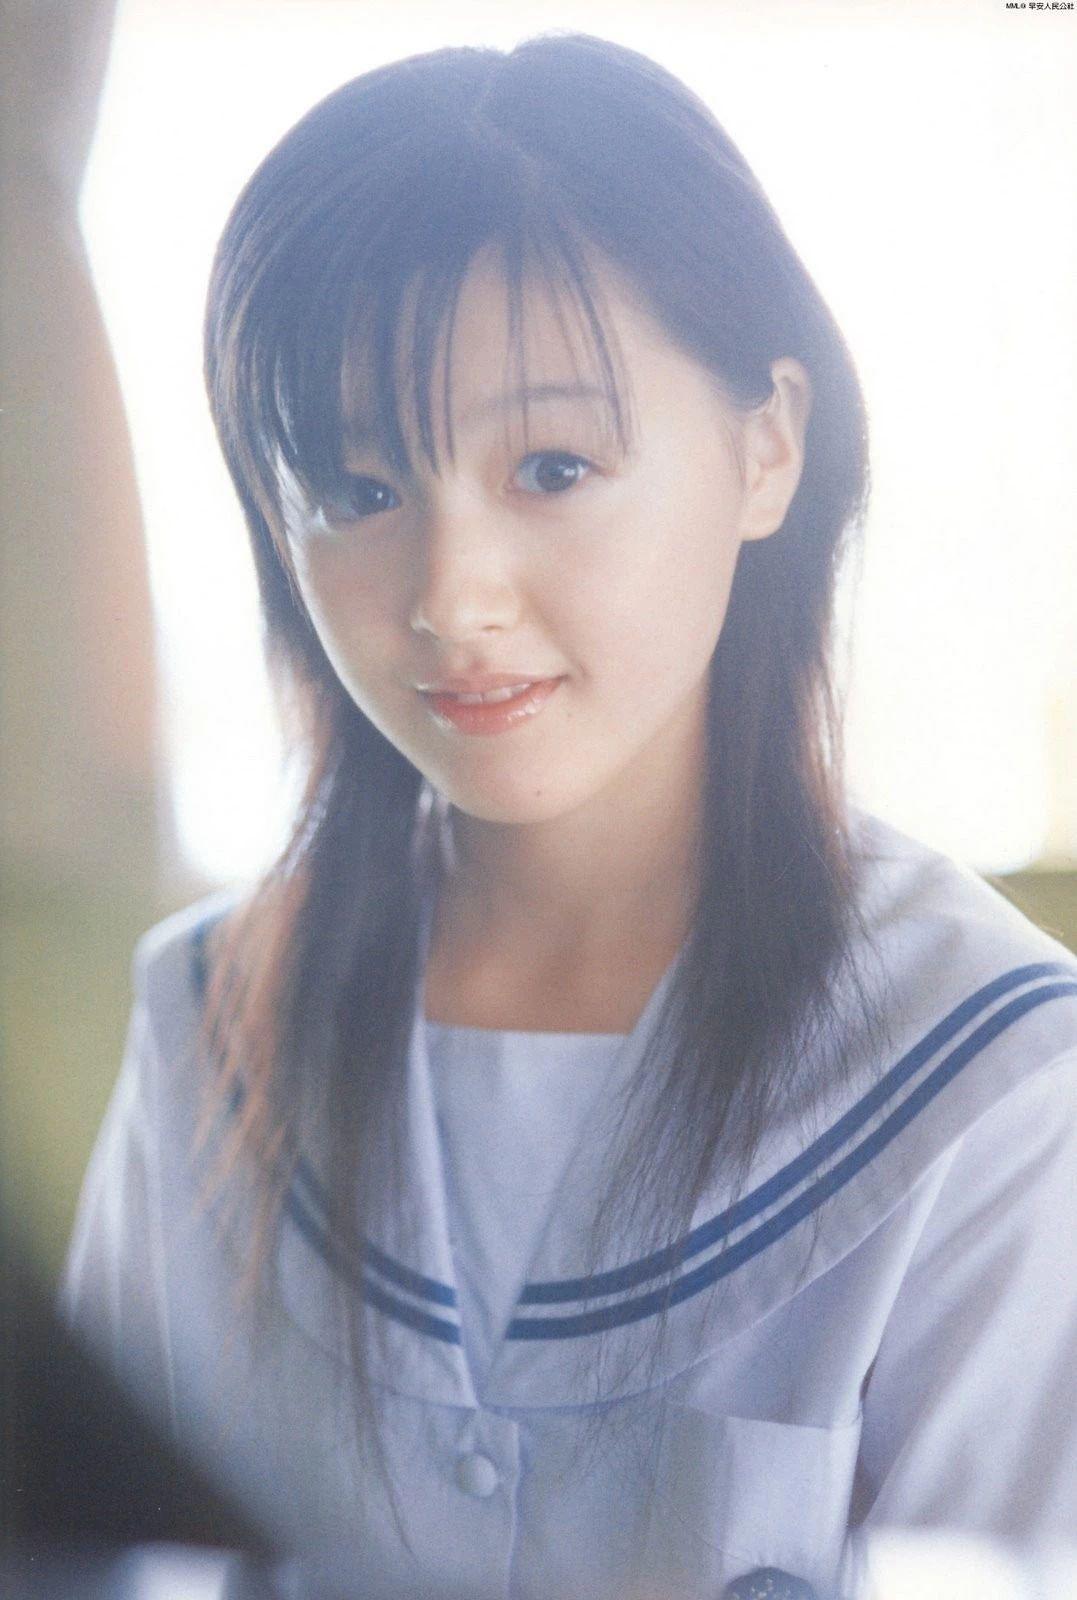 日本早安少女组中唯一奇迹女子久住小春写真作品 (2)